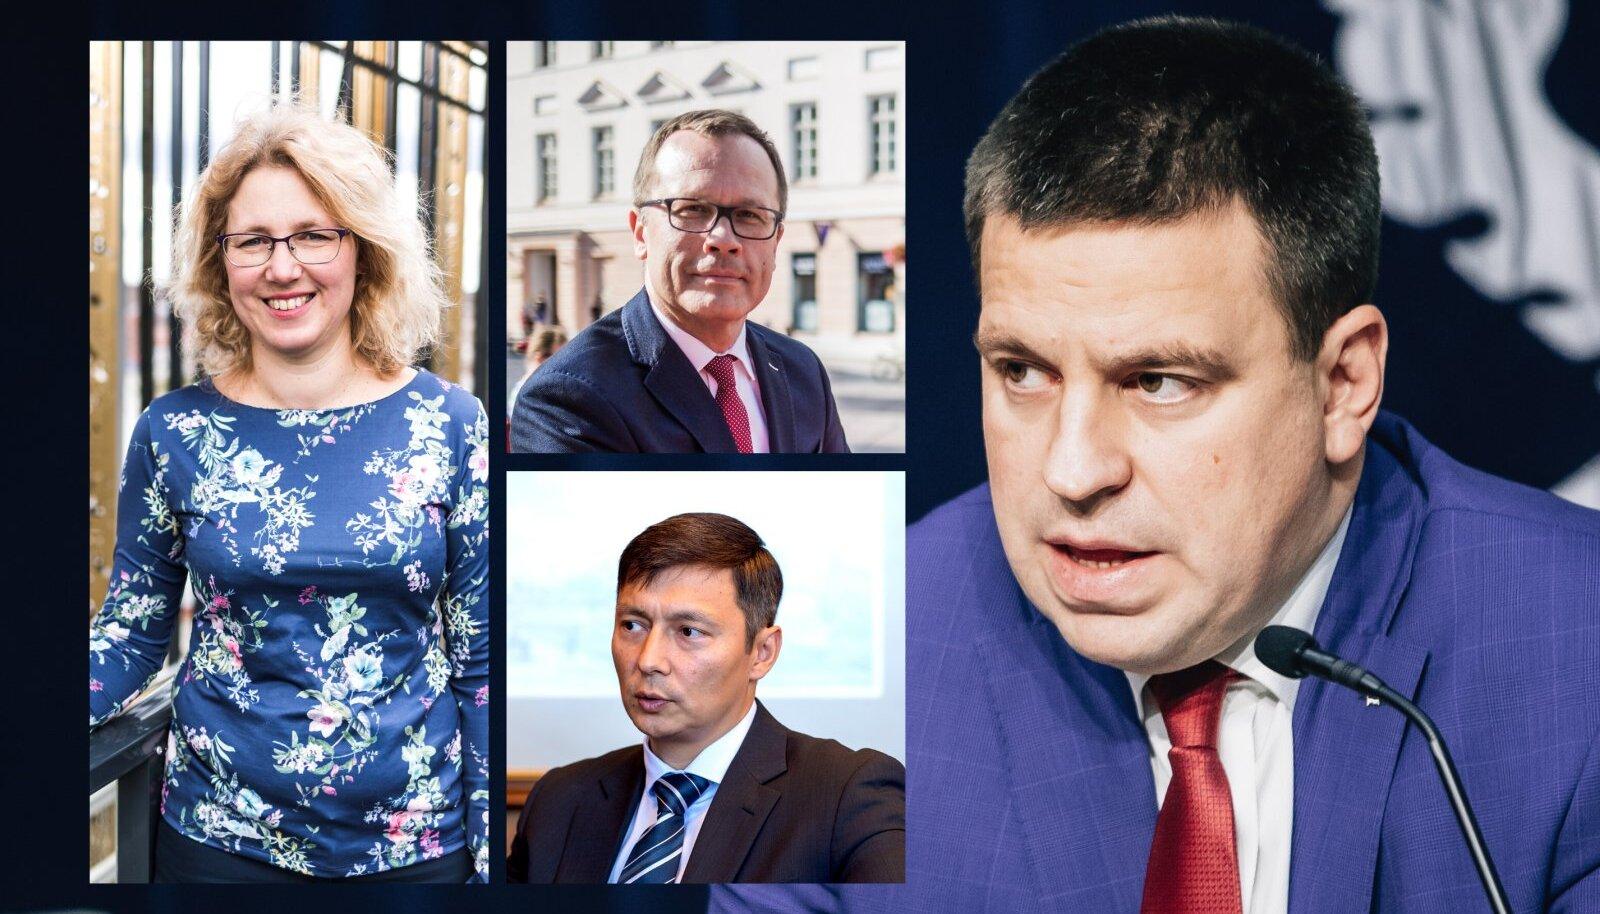 KUIDAS KÜPSES PLAAN: Vaid loetud tundide jooksul teisipäeva õhtul näeb peaminister Jüri Ratas, kuidas valitsuse otsustamatus uute piirangute kohta kasvatab rahulolematust kui pärmil. See paneb tegutsema.